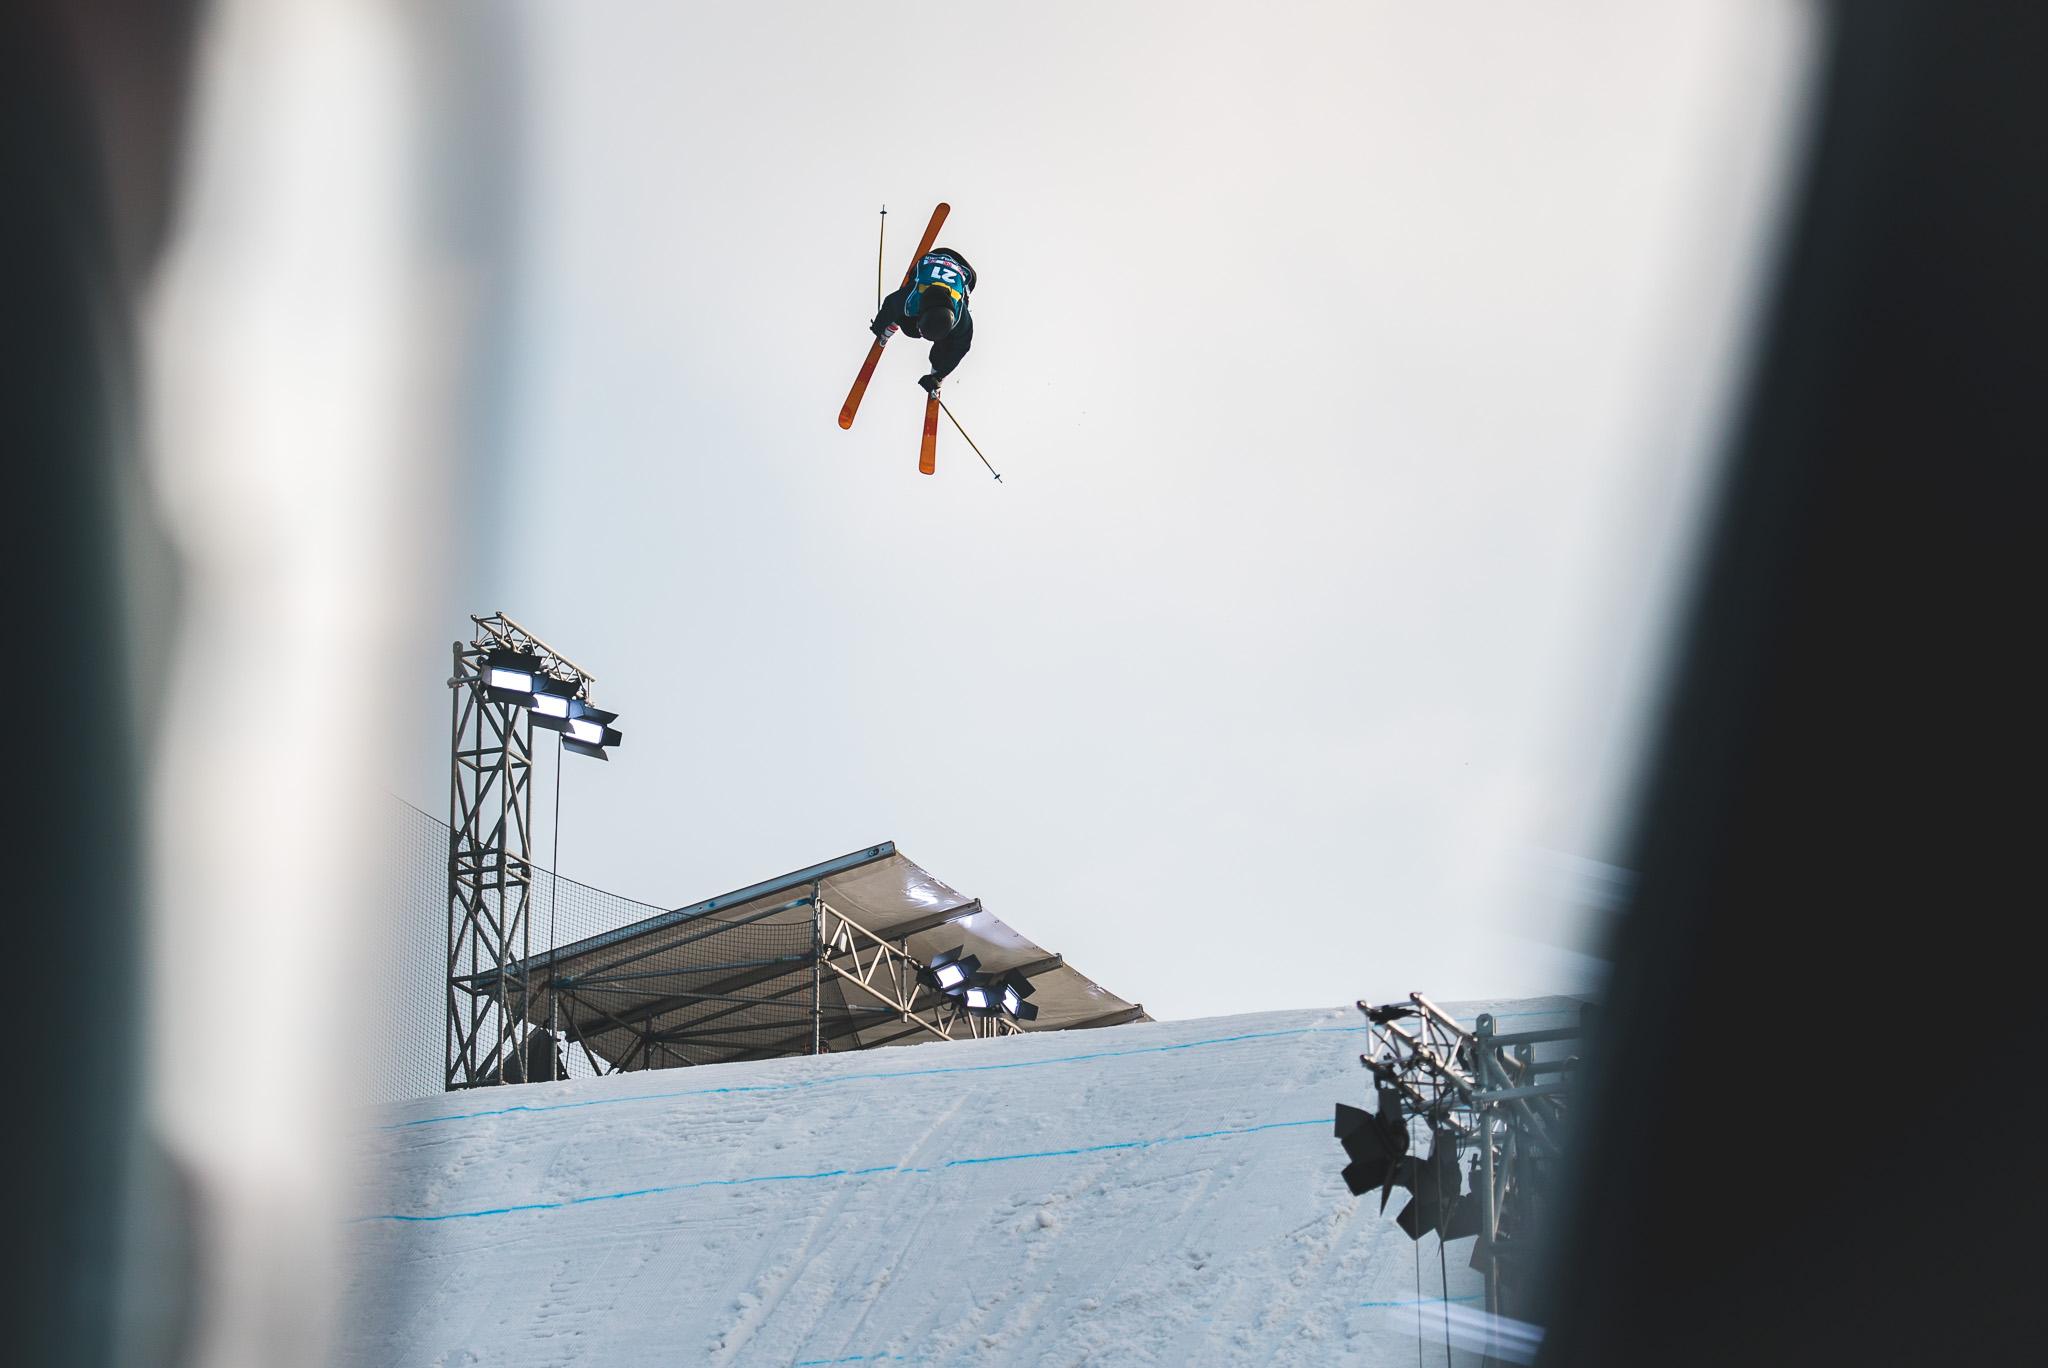 Auch wenn einige Top Stars der Szene fehlten, war das Feld beim Big Air Weltcup in Mönchengladbach nach wie vor gut besetzt - Rider: Oliwer Magnusson (SWE)